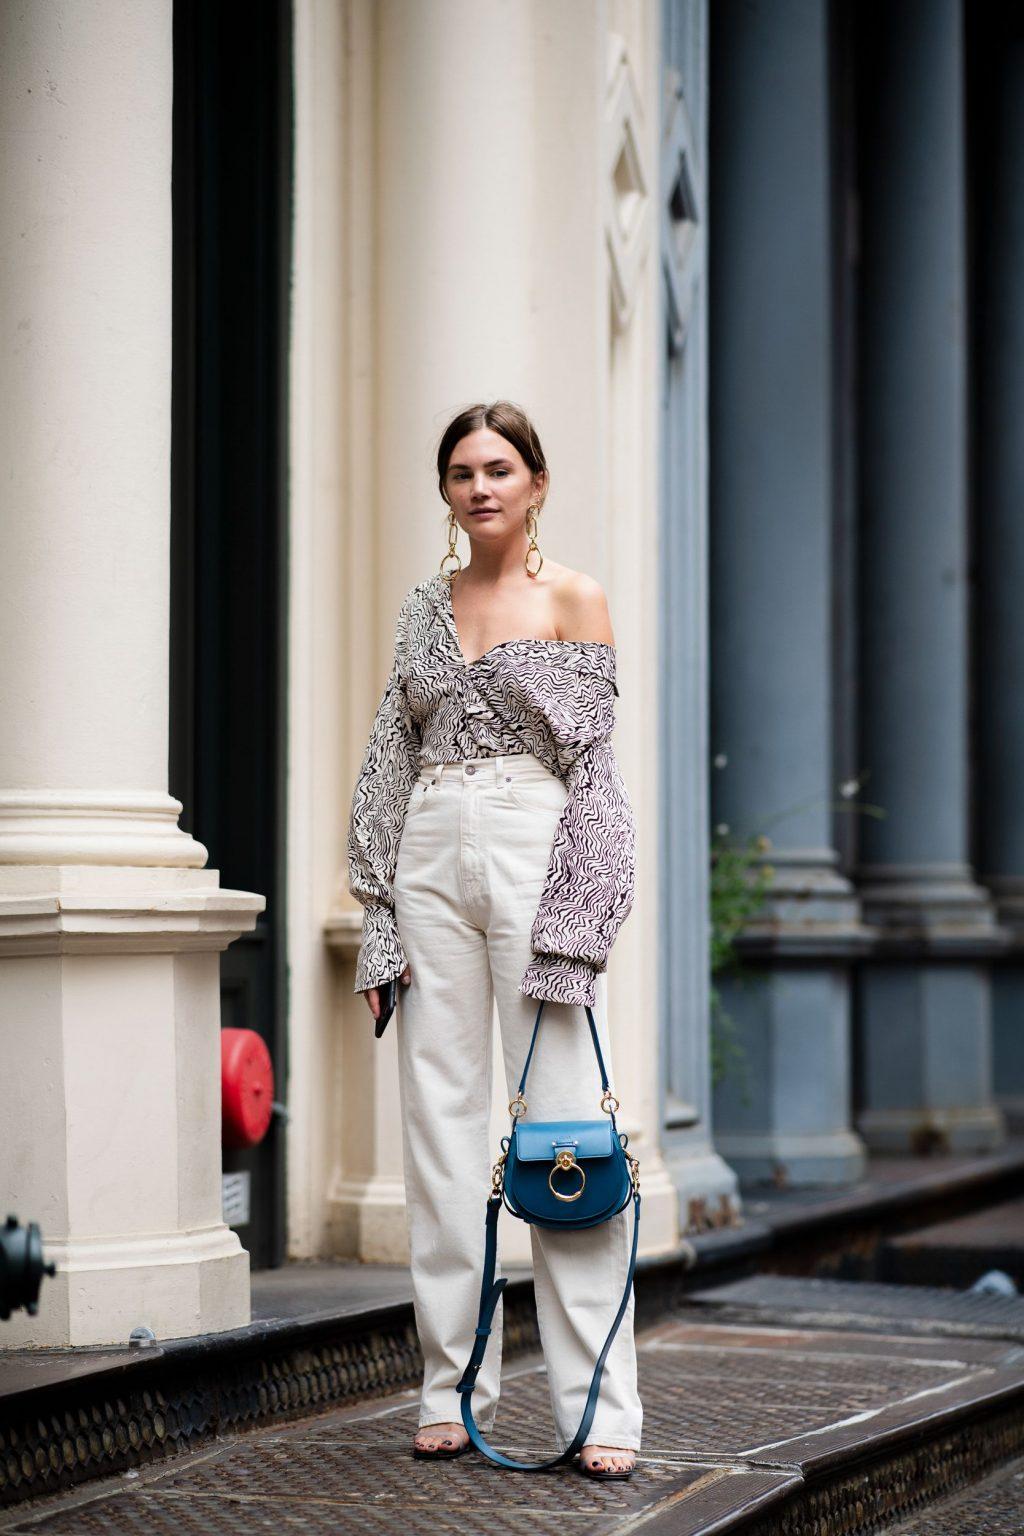 Thời trang cung hoàng đạo: Những thiết kế ấn tượng dành riêng cho cô nàng Bạch Dương 2